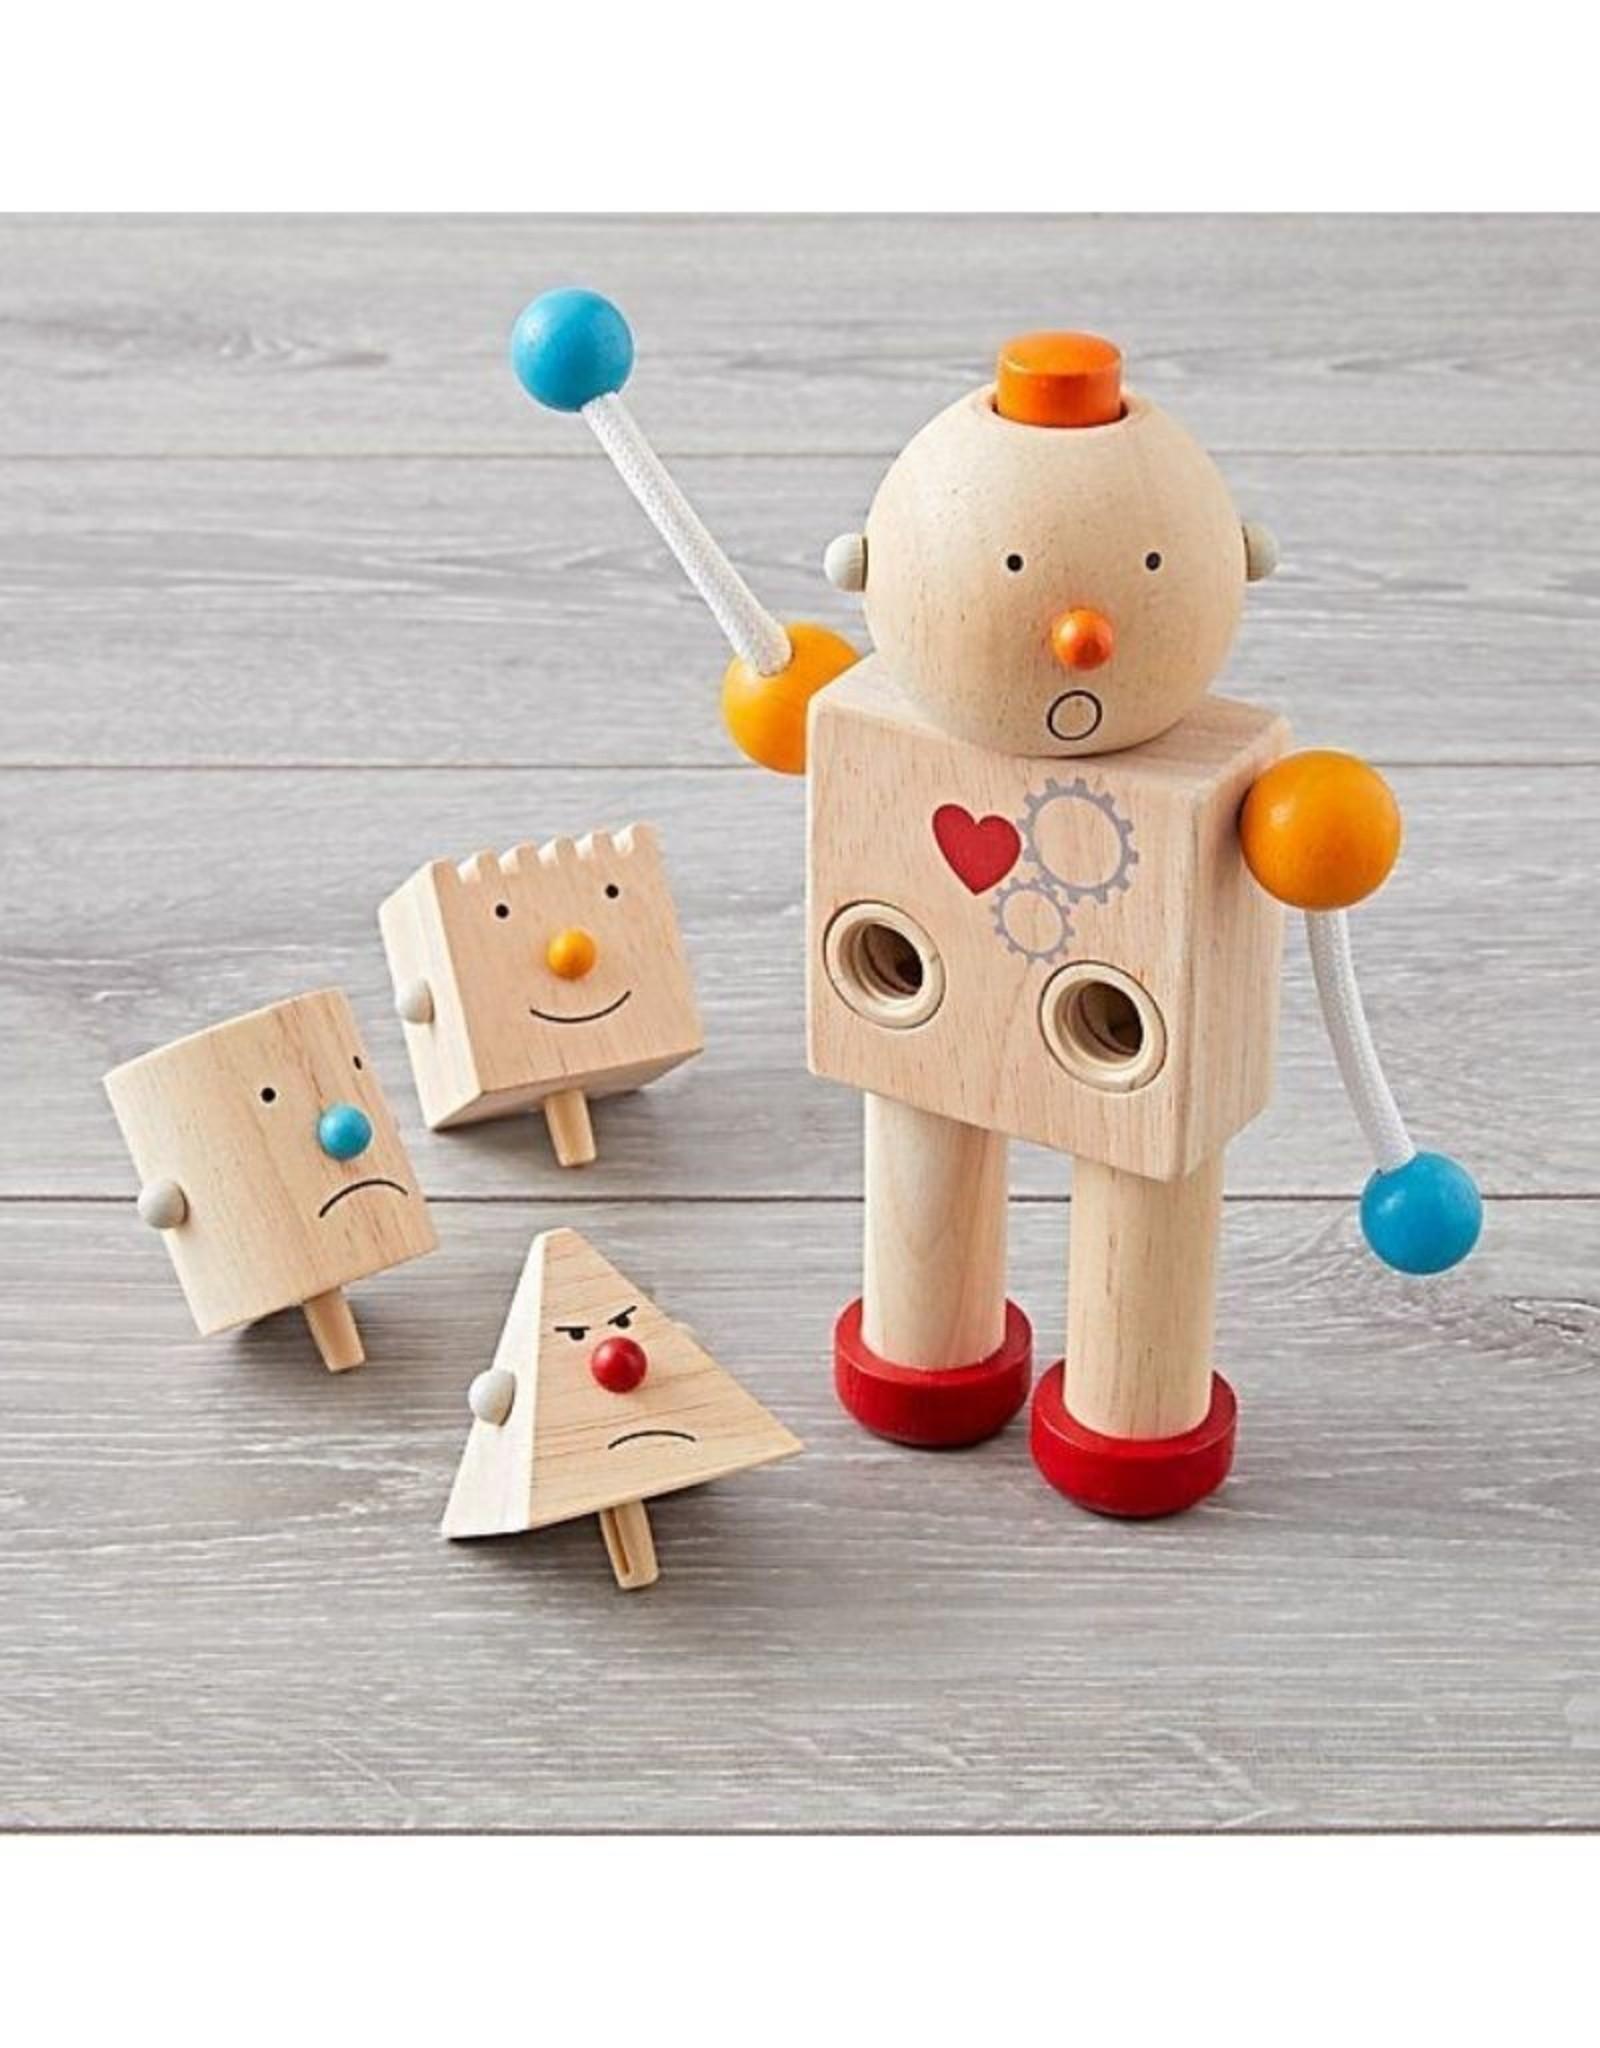 Plan Toys Build a Robot